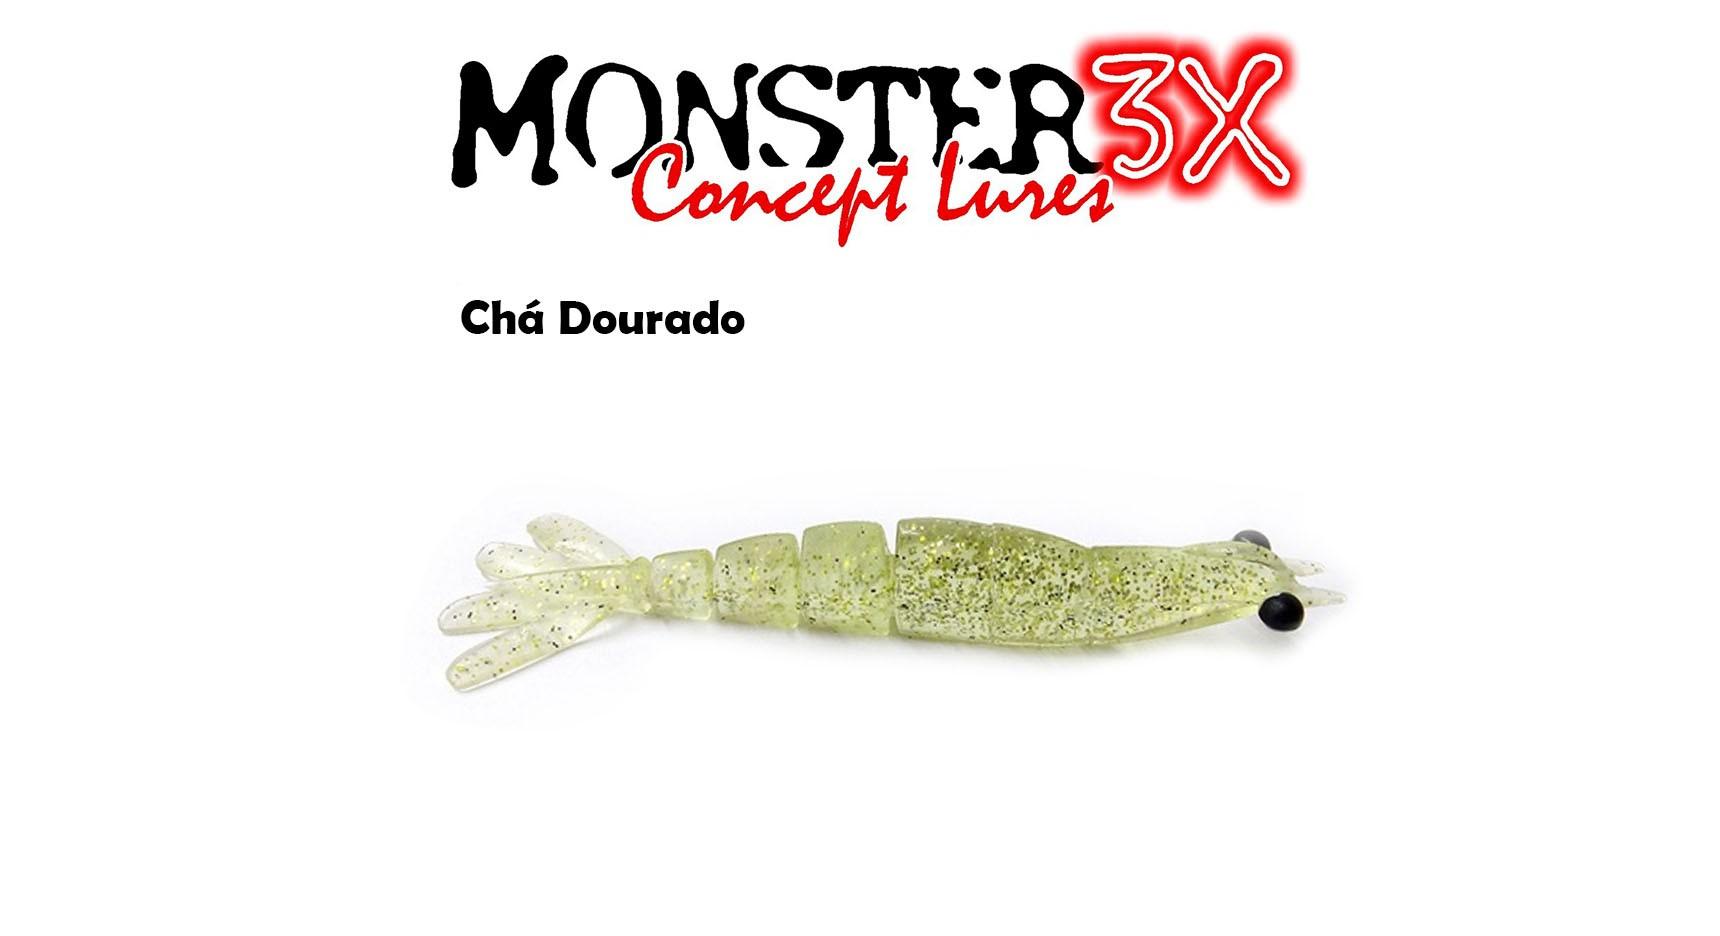 Isca Artificial Soft Monster 3X X-Move (12 cm) 2 Unidades - Várias Cores